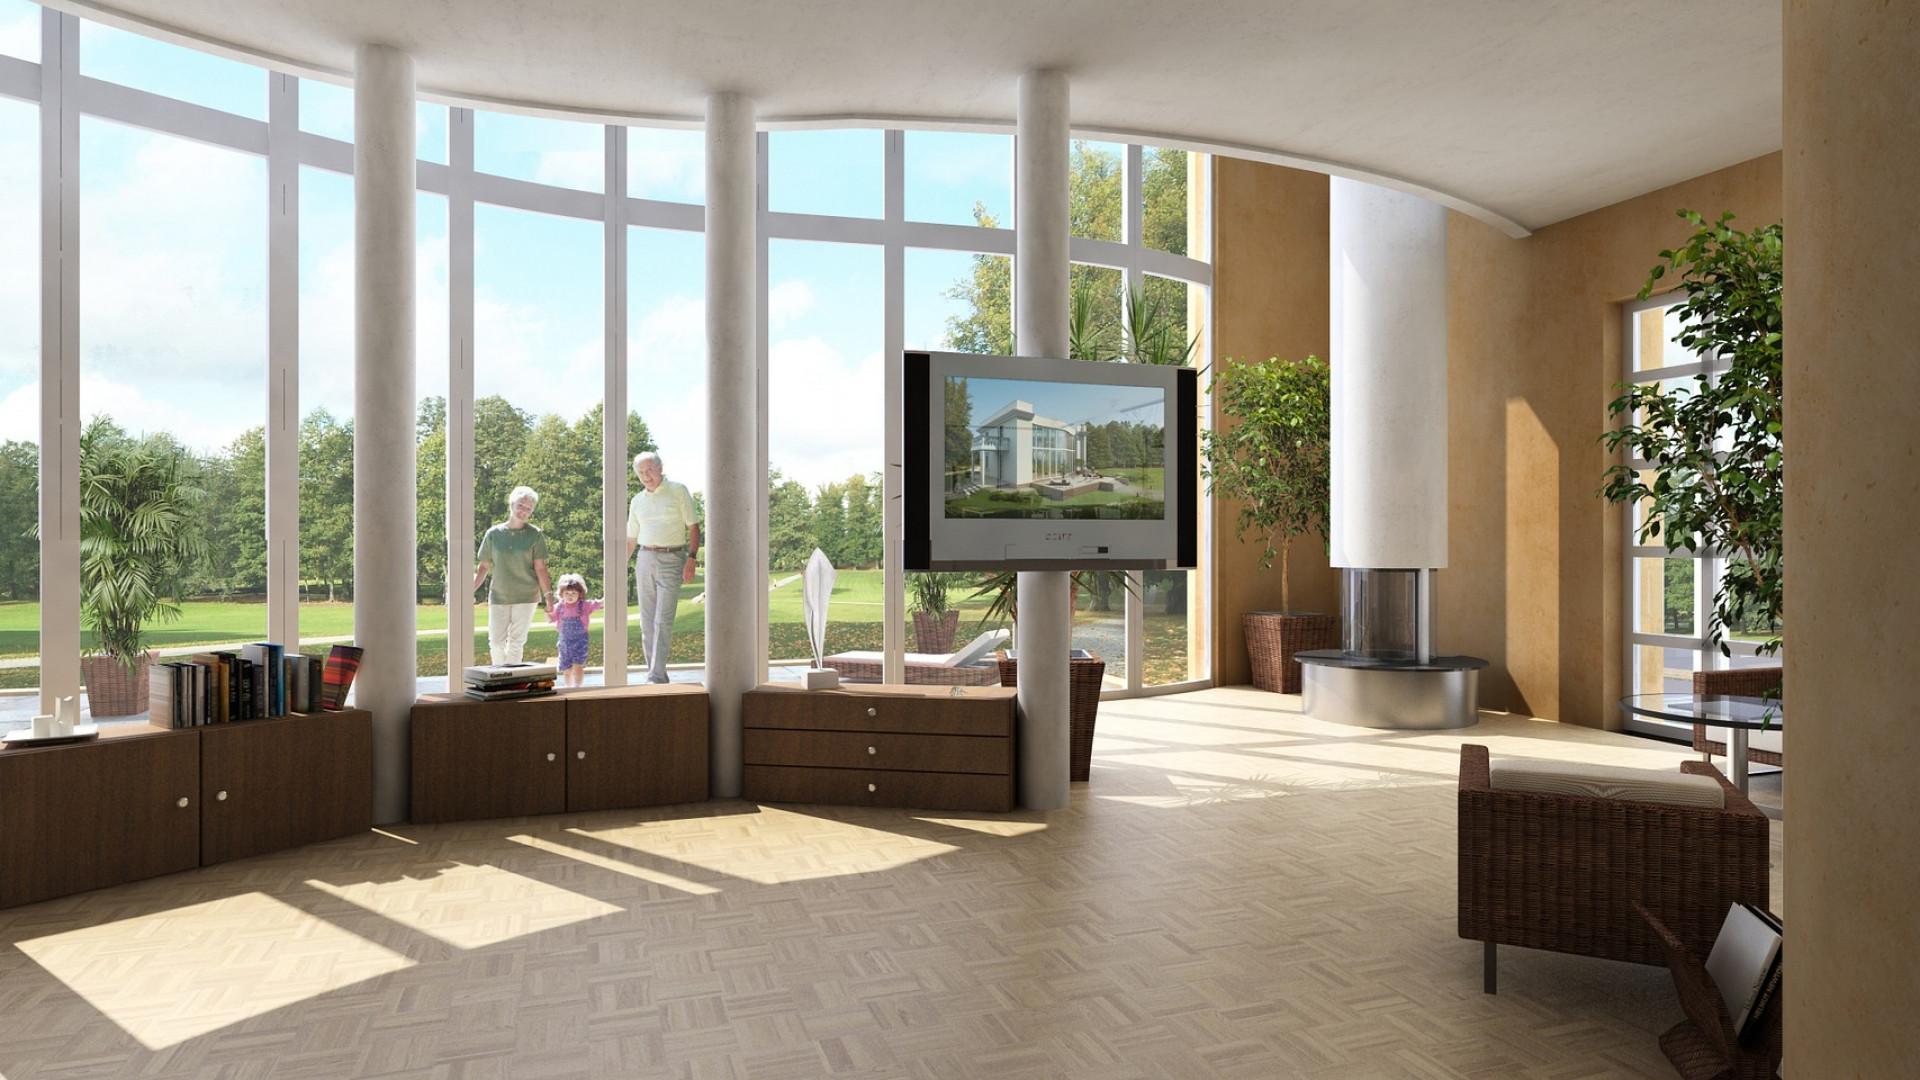 Comment lever le voile sur la performance énergétique de vos fenêtres ?